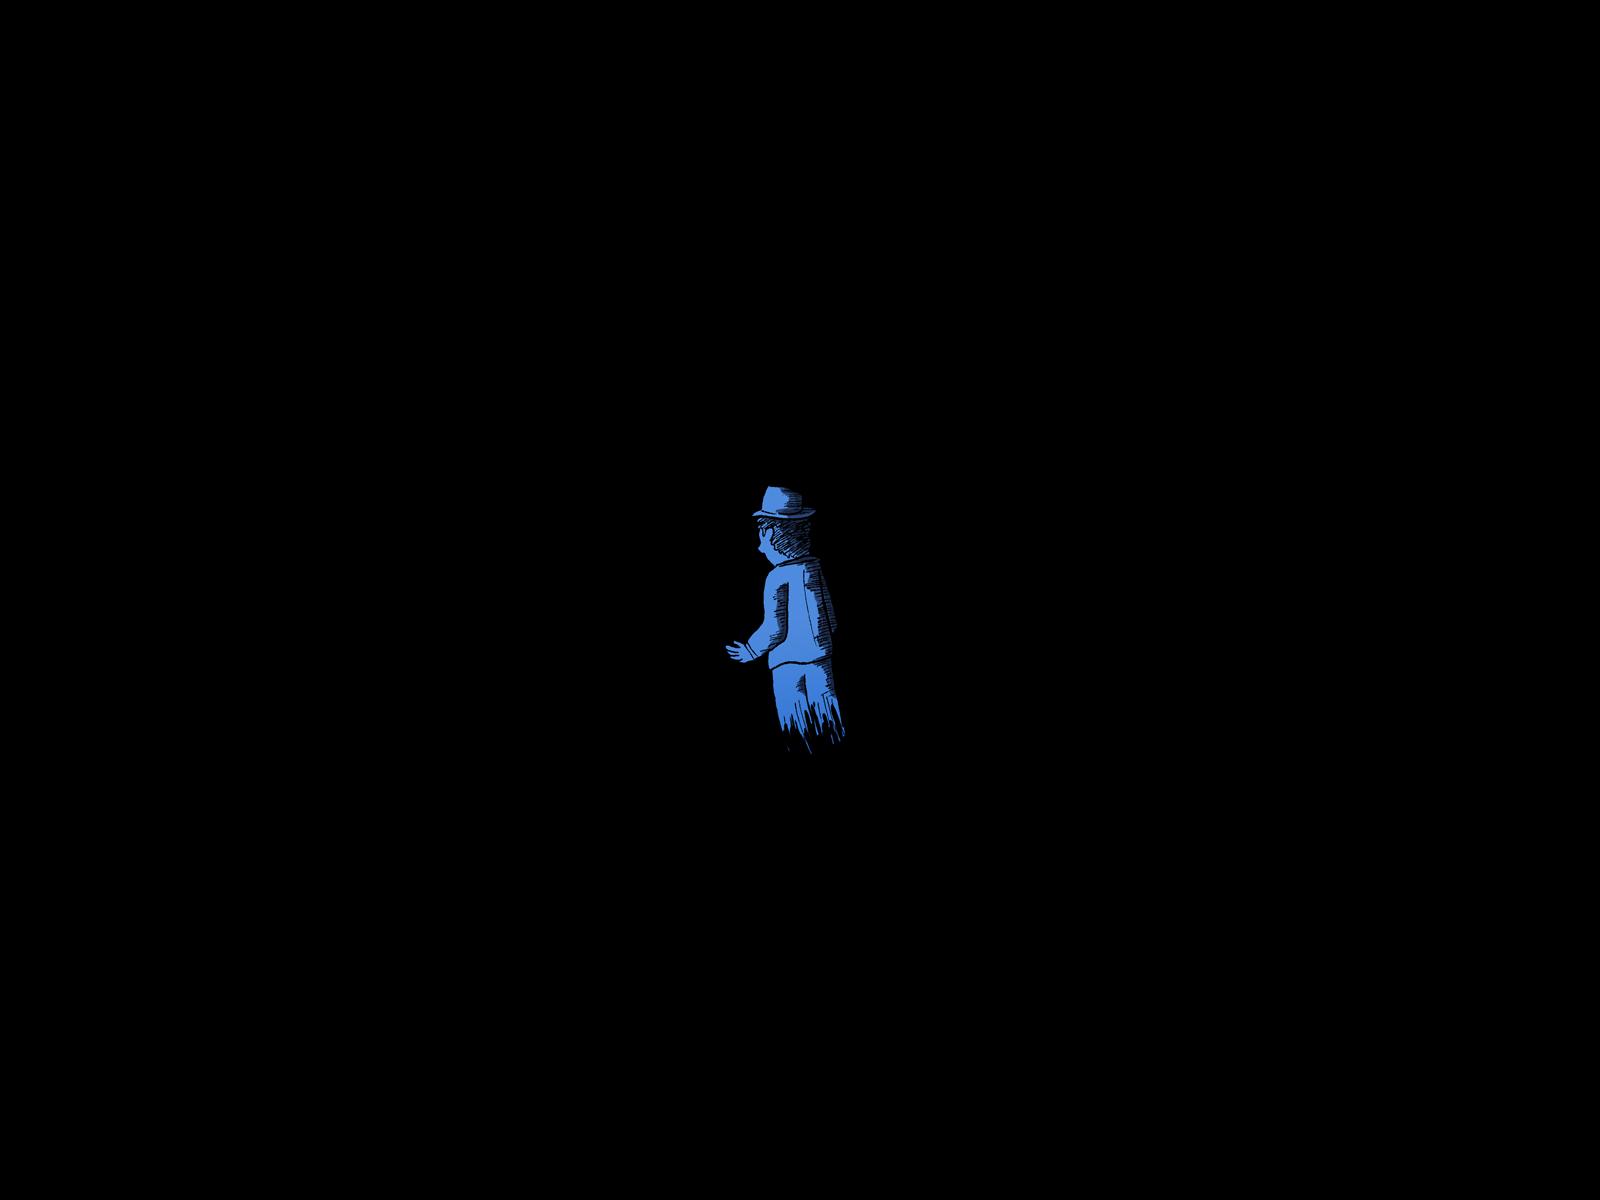 デスクトップ壁紙 幽霊 ジョーイ マローン ブラックウェル 闇